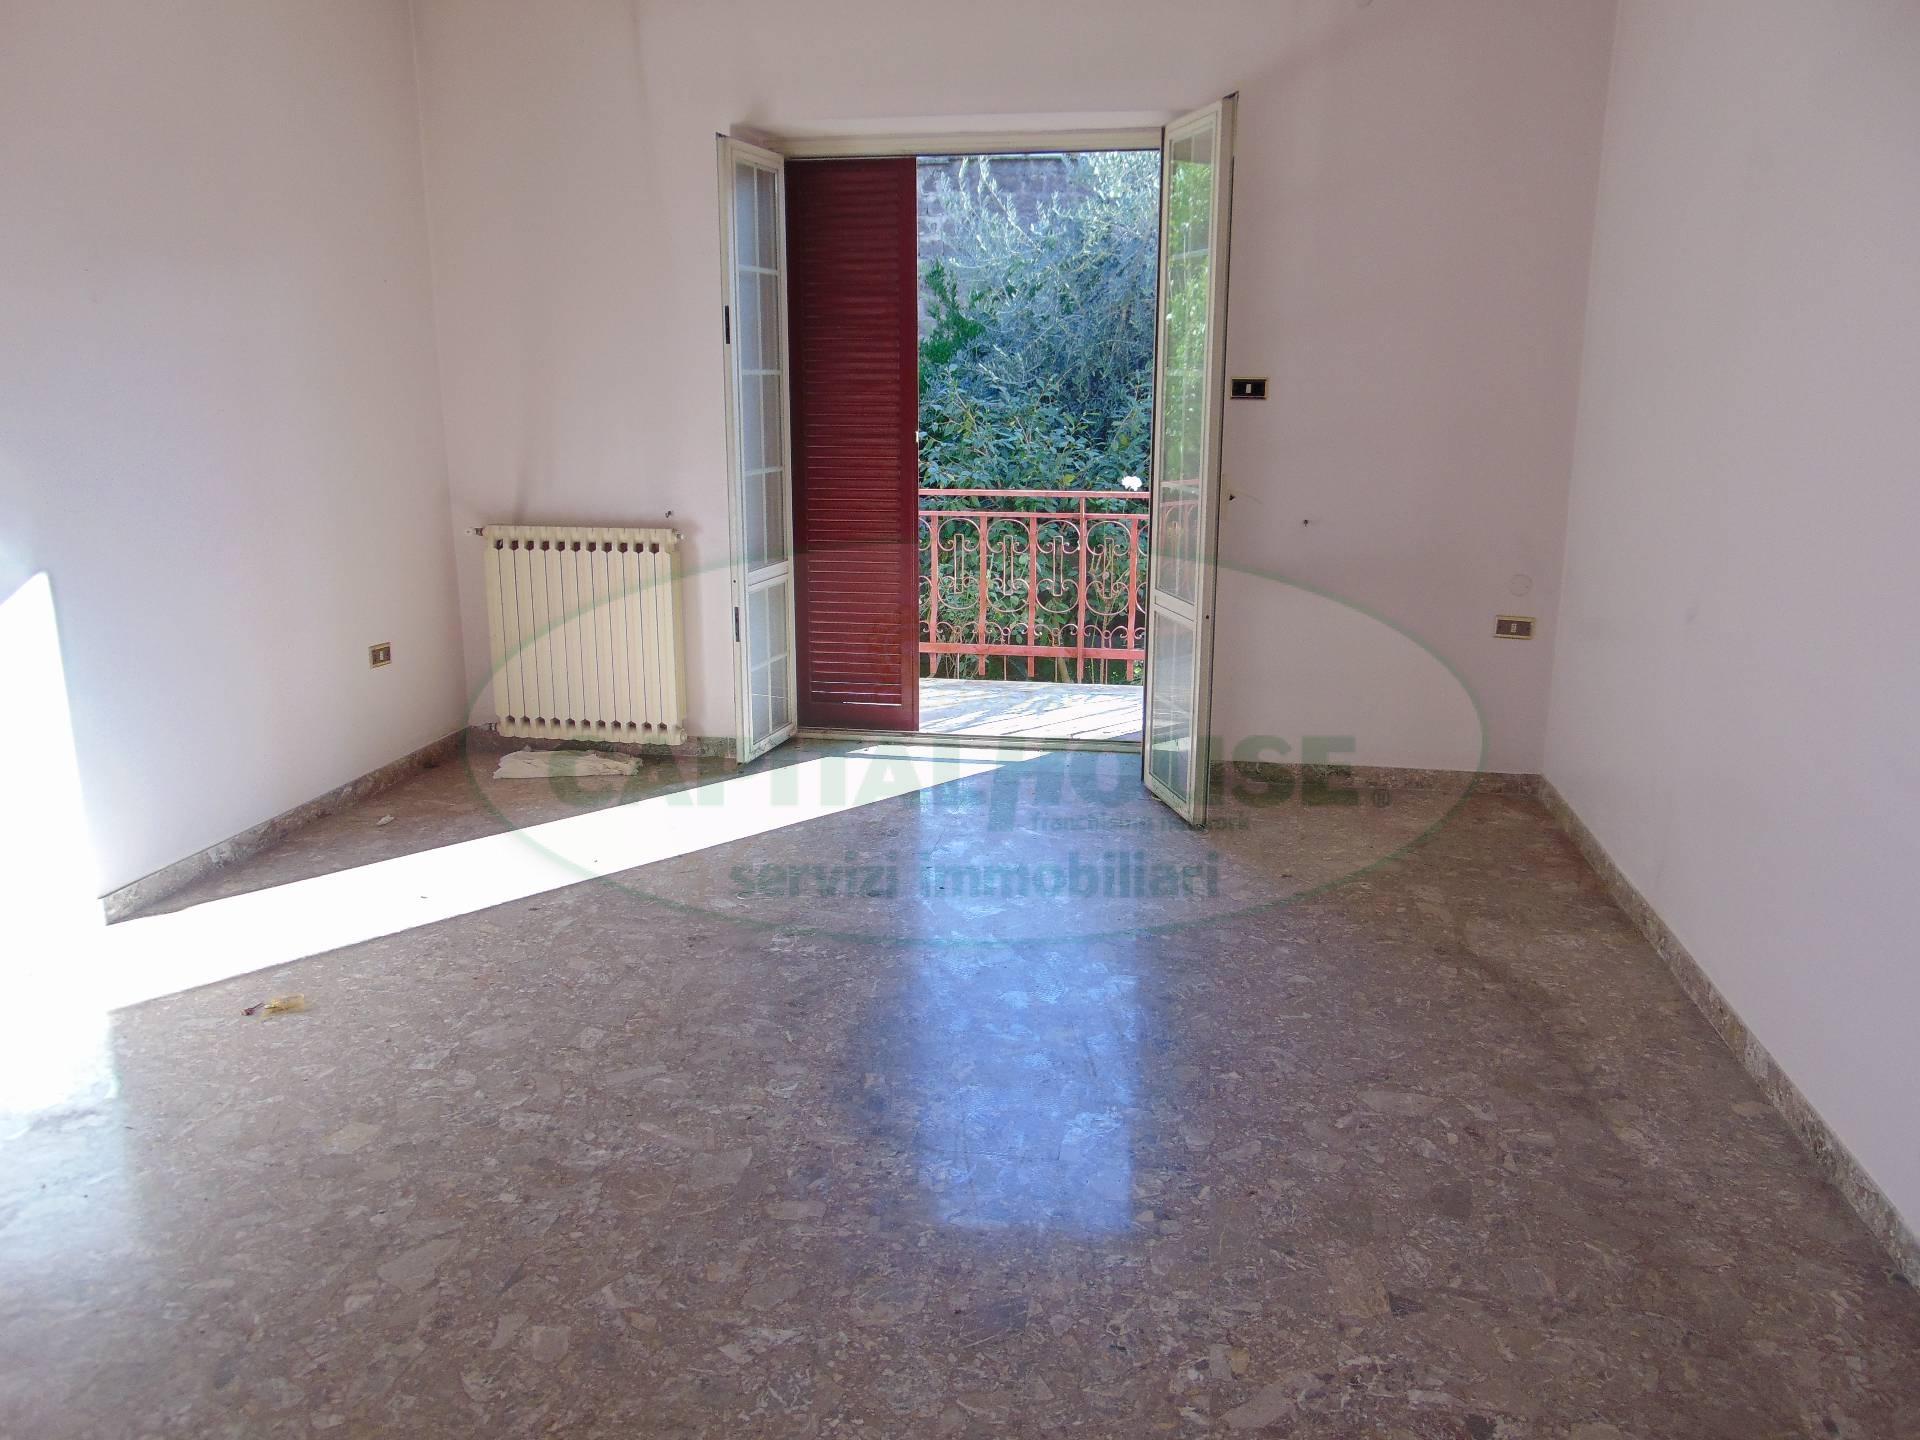 Villa in vendita a Santa Maria Capua Vetere, 3 locali, zona Località: Zonanuova, prezzo € 325.000   CambioCasa.it